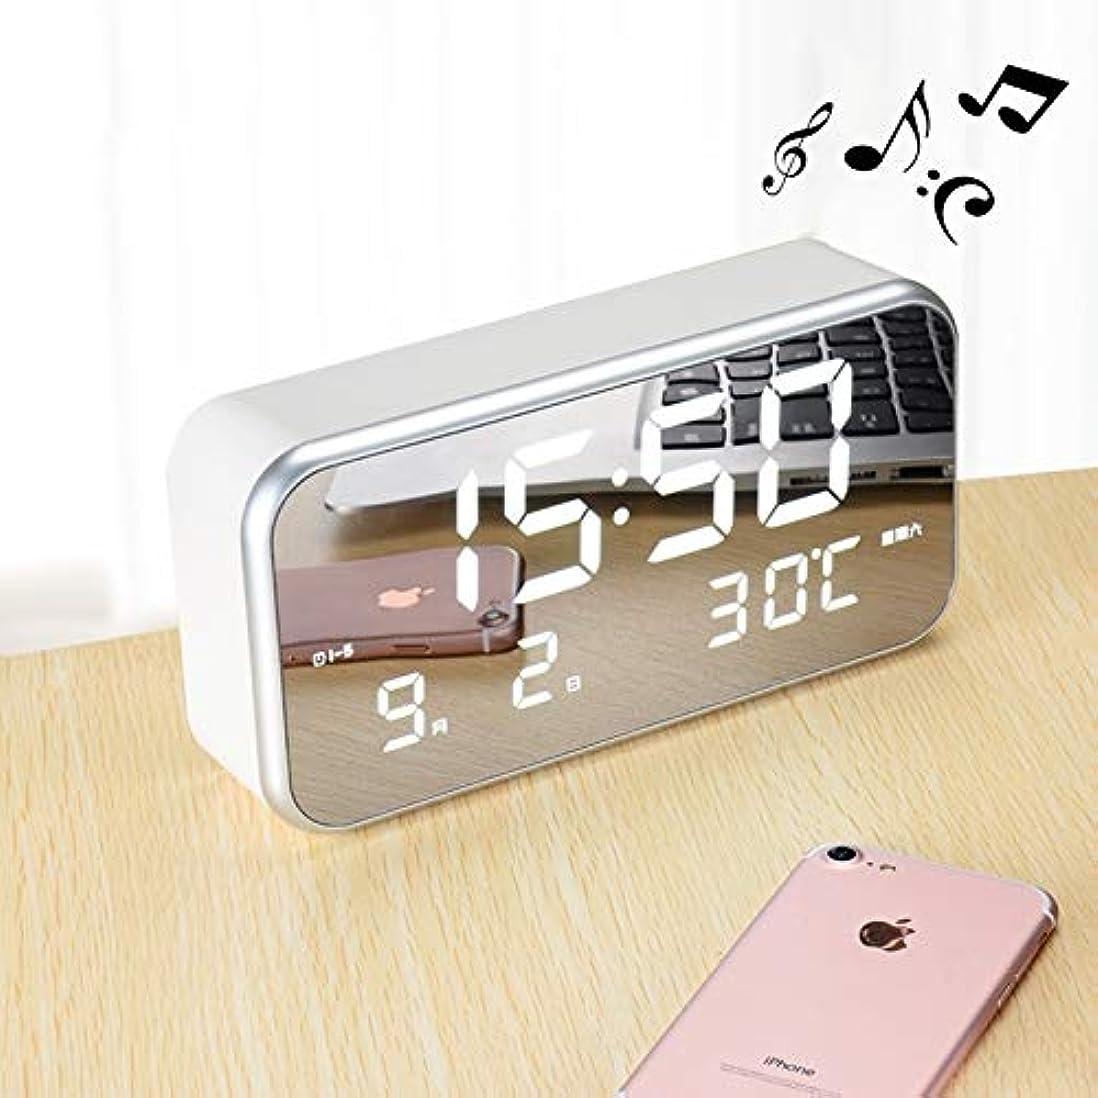 王女スイス人閃光家の装飾 時間/週/温度/カレンダー表示&リモコン、DC 5Vの多機能大画面LEDデジタル音楽目覚まし時計 ホームデコレーションアクセサリー